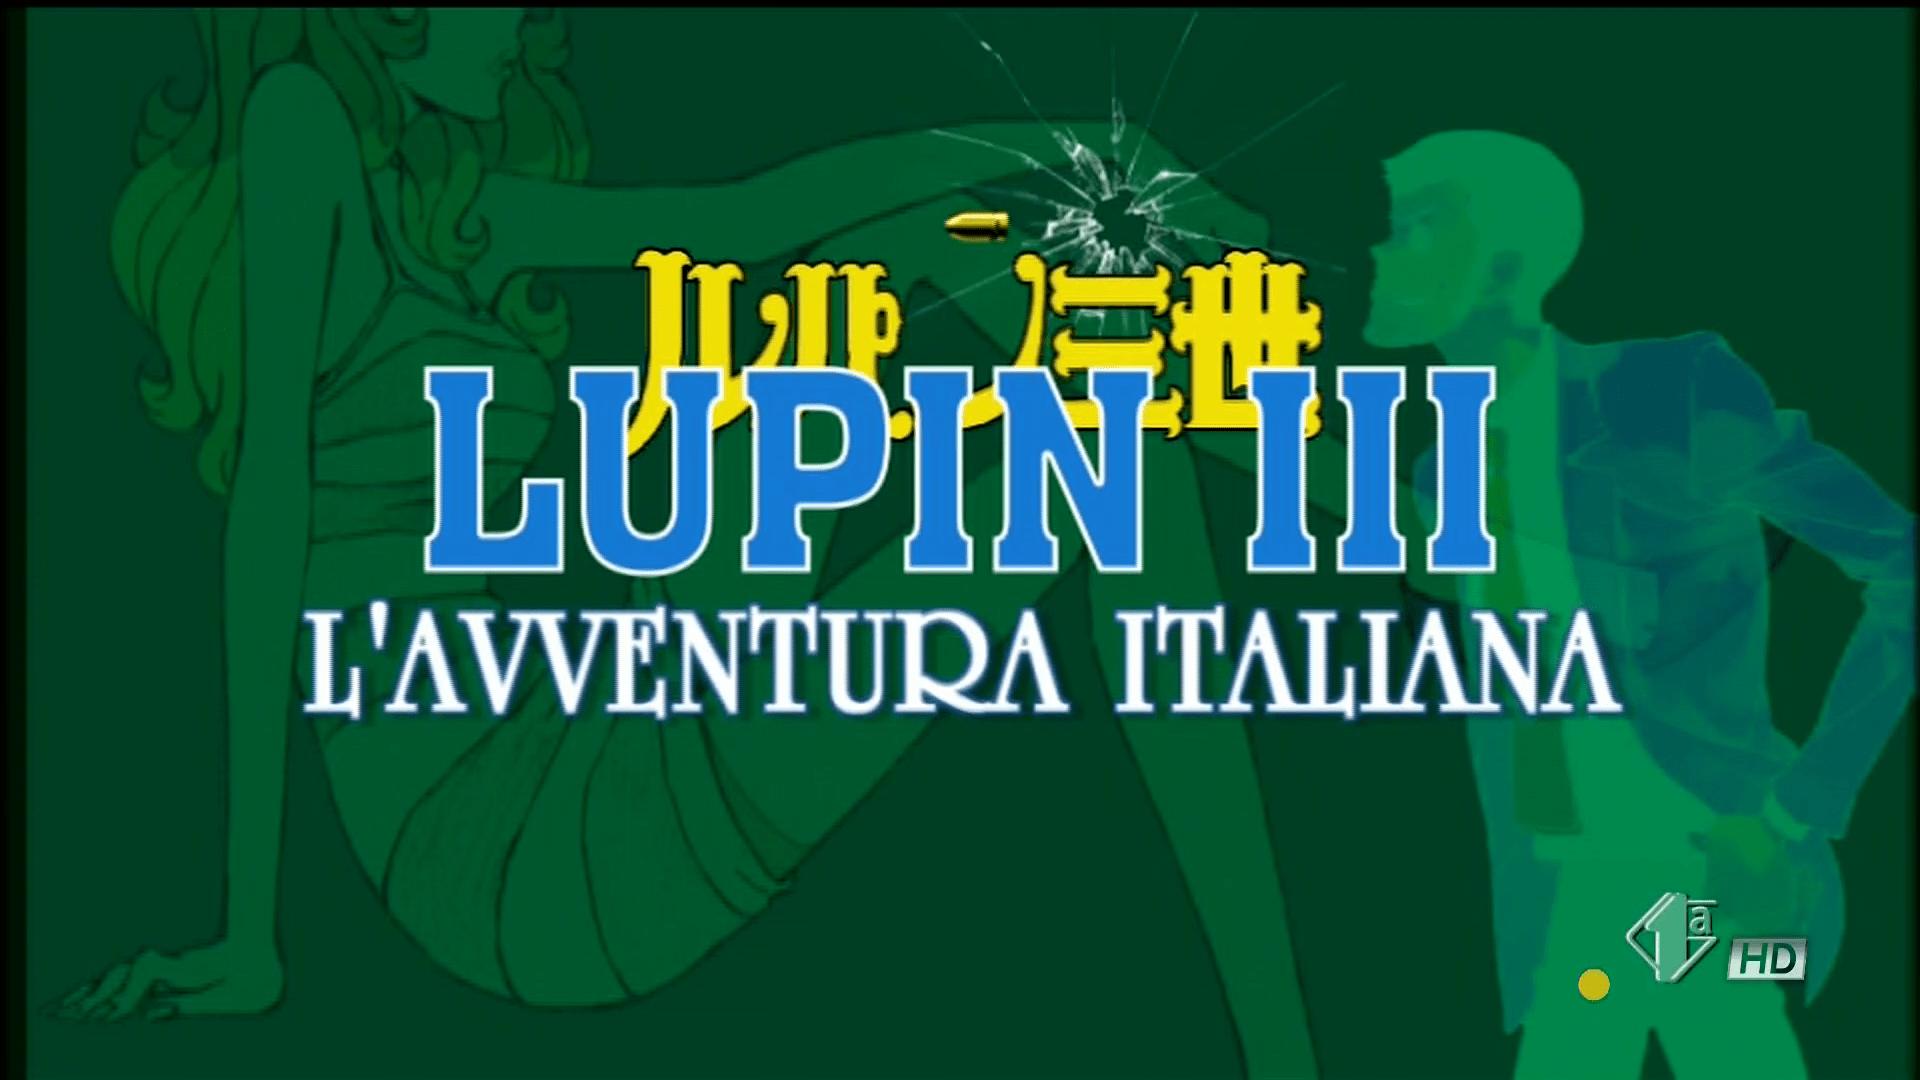 Lupin III ci spiega qual è il futuro del nostro governo